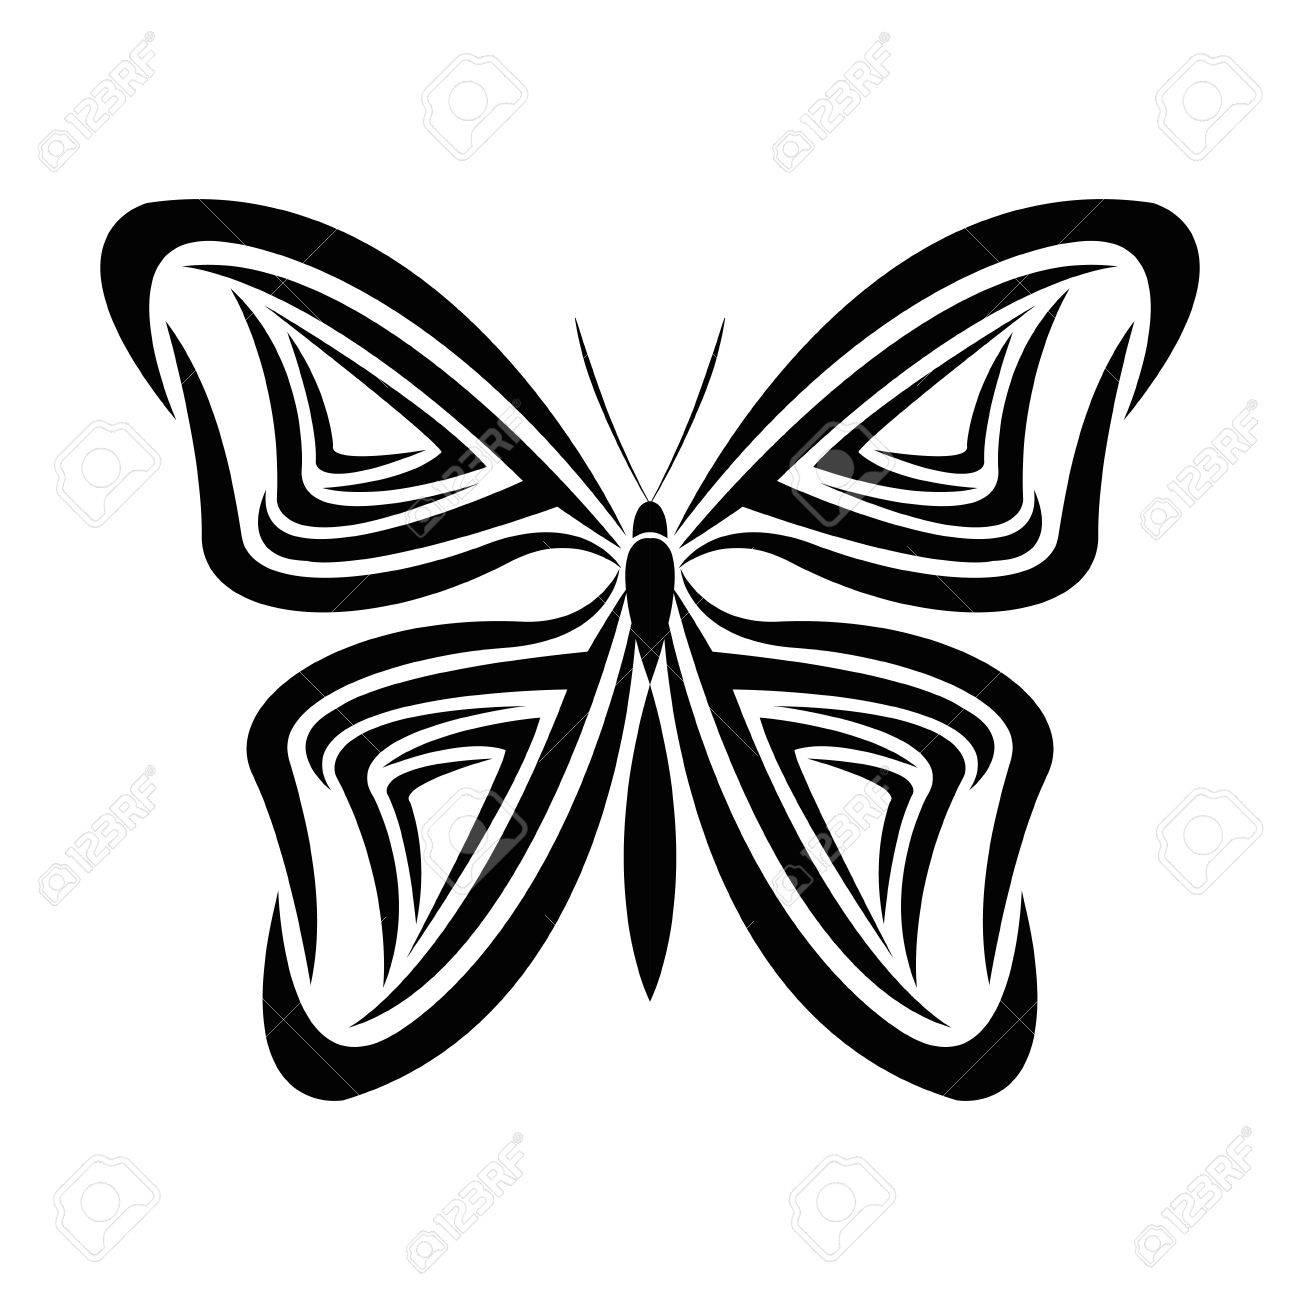 Animal De Uage Insectes Papillon Dessiner Une Icône Abstraite. Design  Plat Et Isolé. Illustration Vectorielle avec Papillon À Dessiner